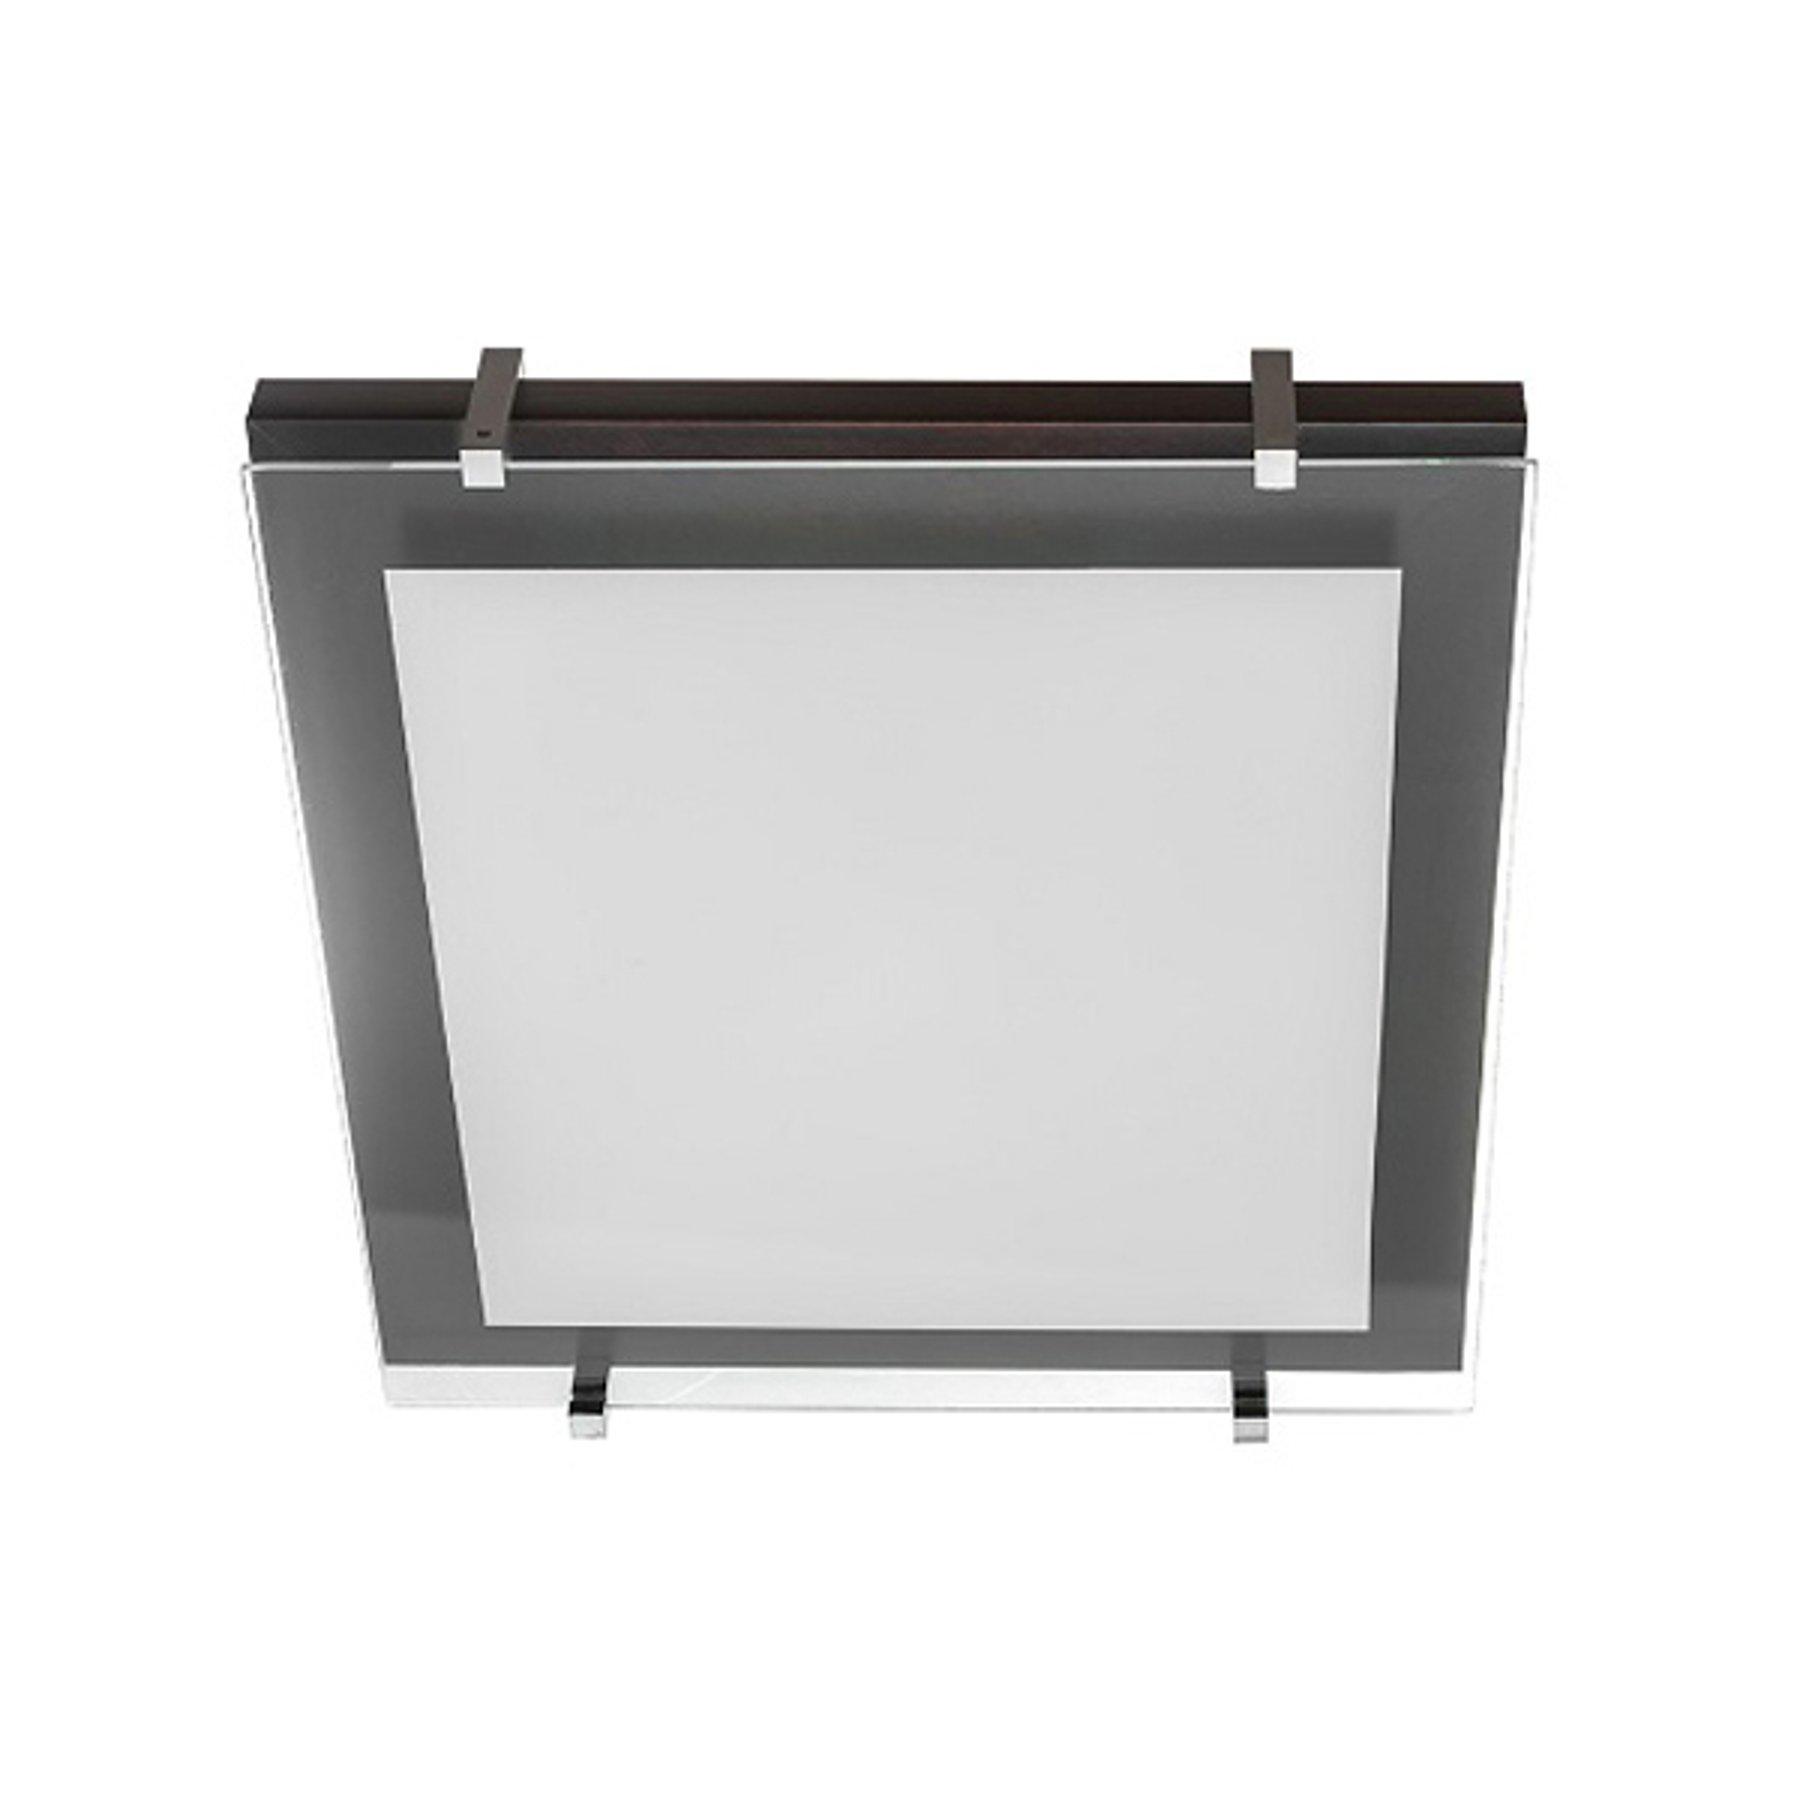 Taklampe P1 av tre og glass 40x40cm